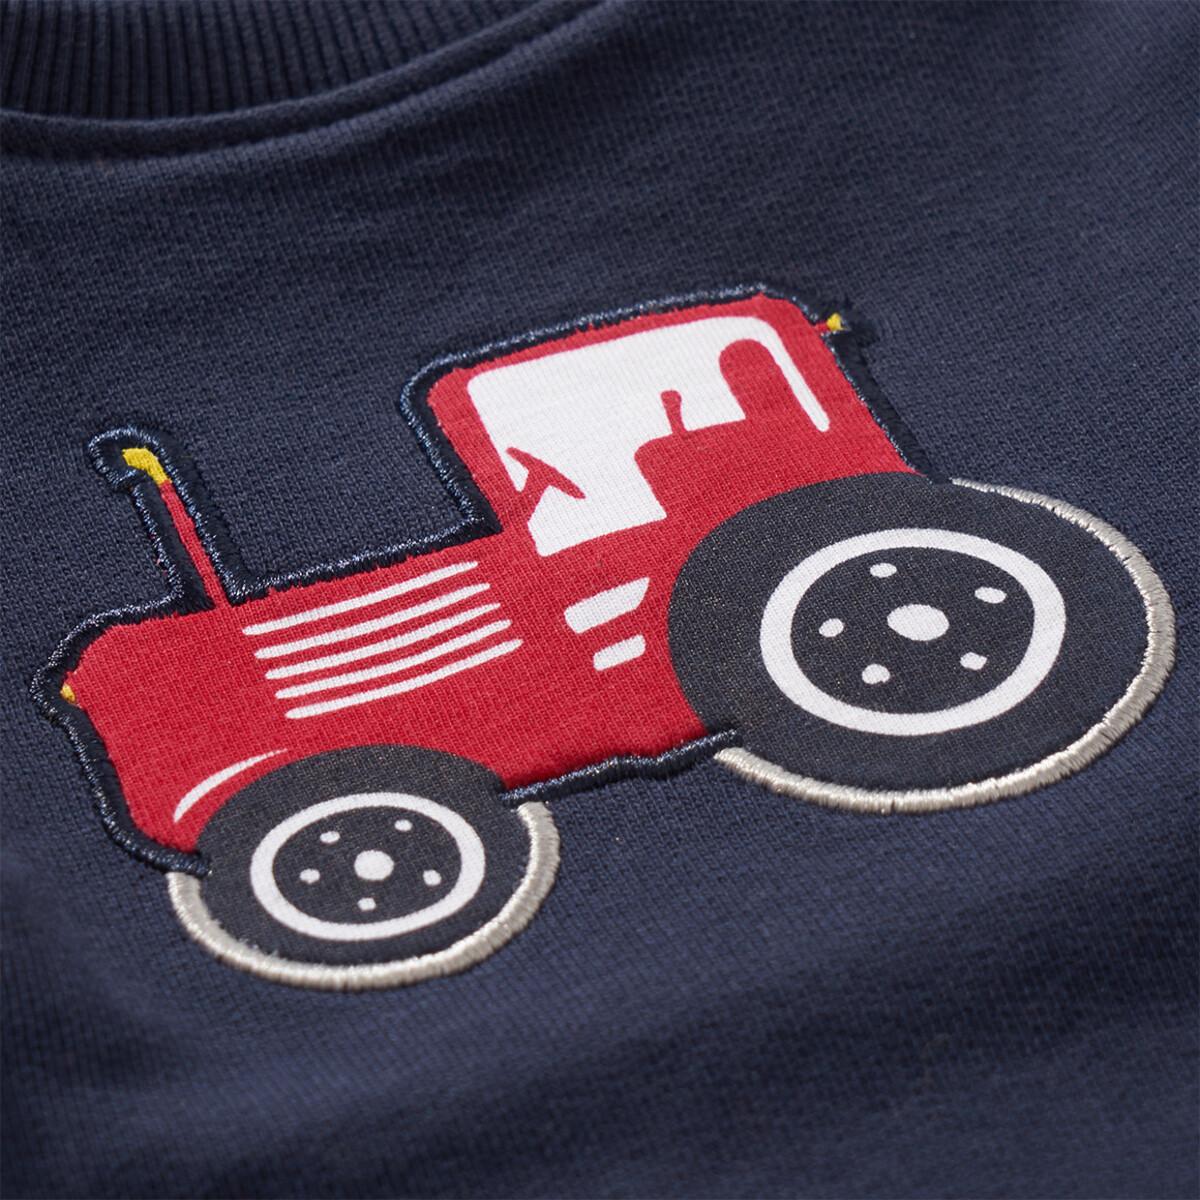 Bild 4 von Jungen Sweatshirt mit Trecker-Applikation